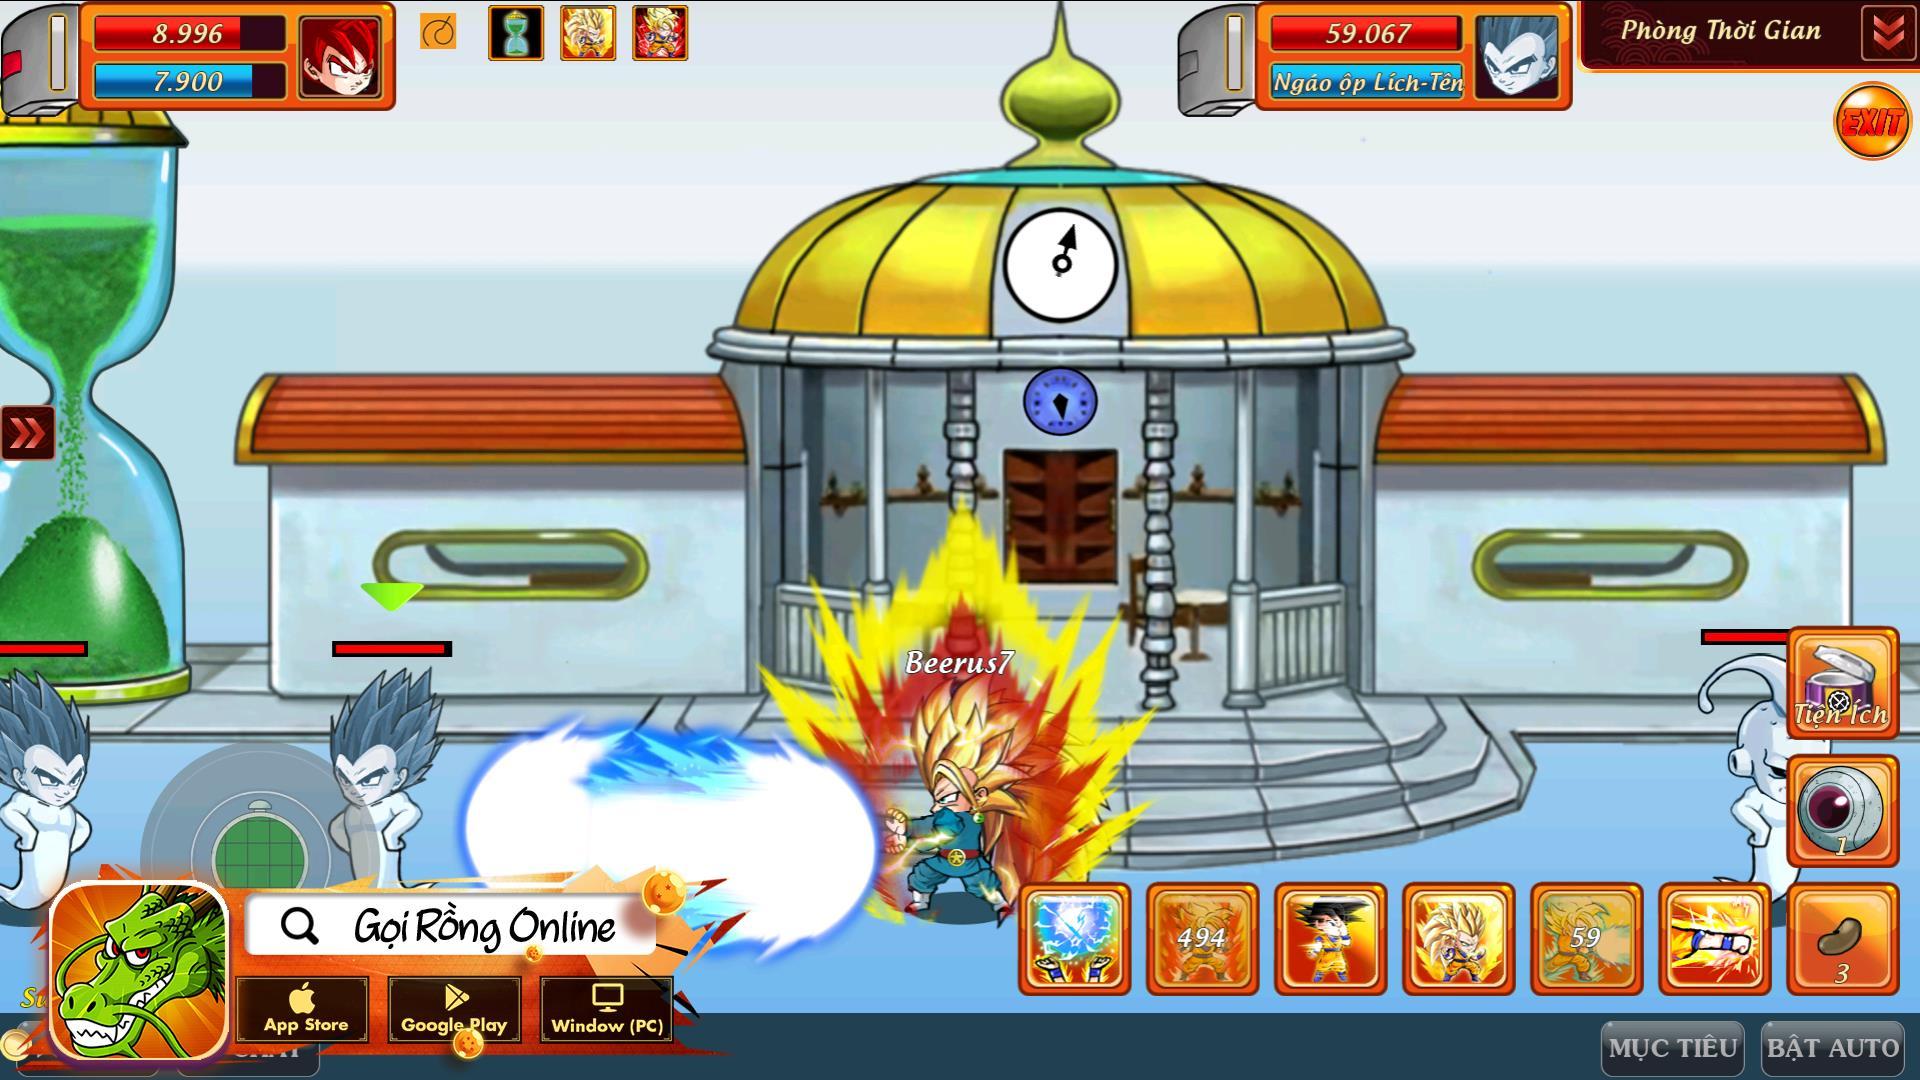 Phòng Thời Gian, Giải Đấu Sức Mạnh, Hành Tinh Ngục Tù: Gọi Rồng Online chính là game chuẩn đúng chất dành cho fan Bi Rồng - Ảnh 1.